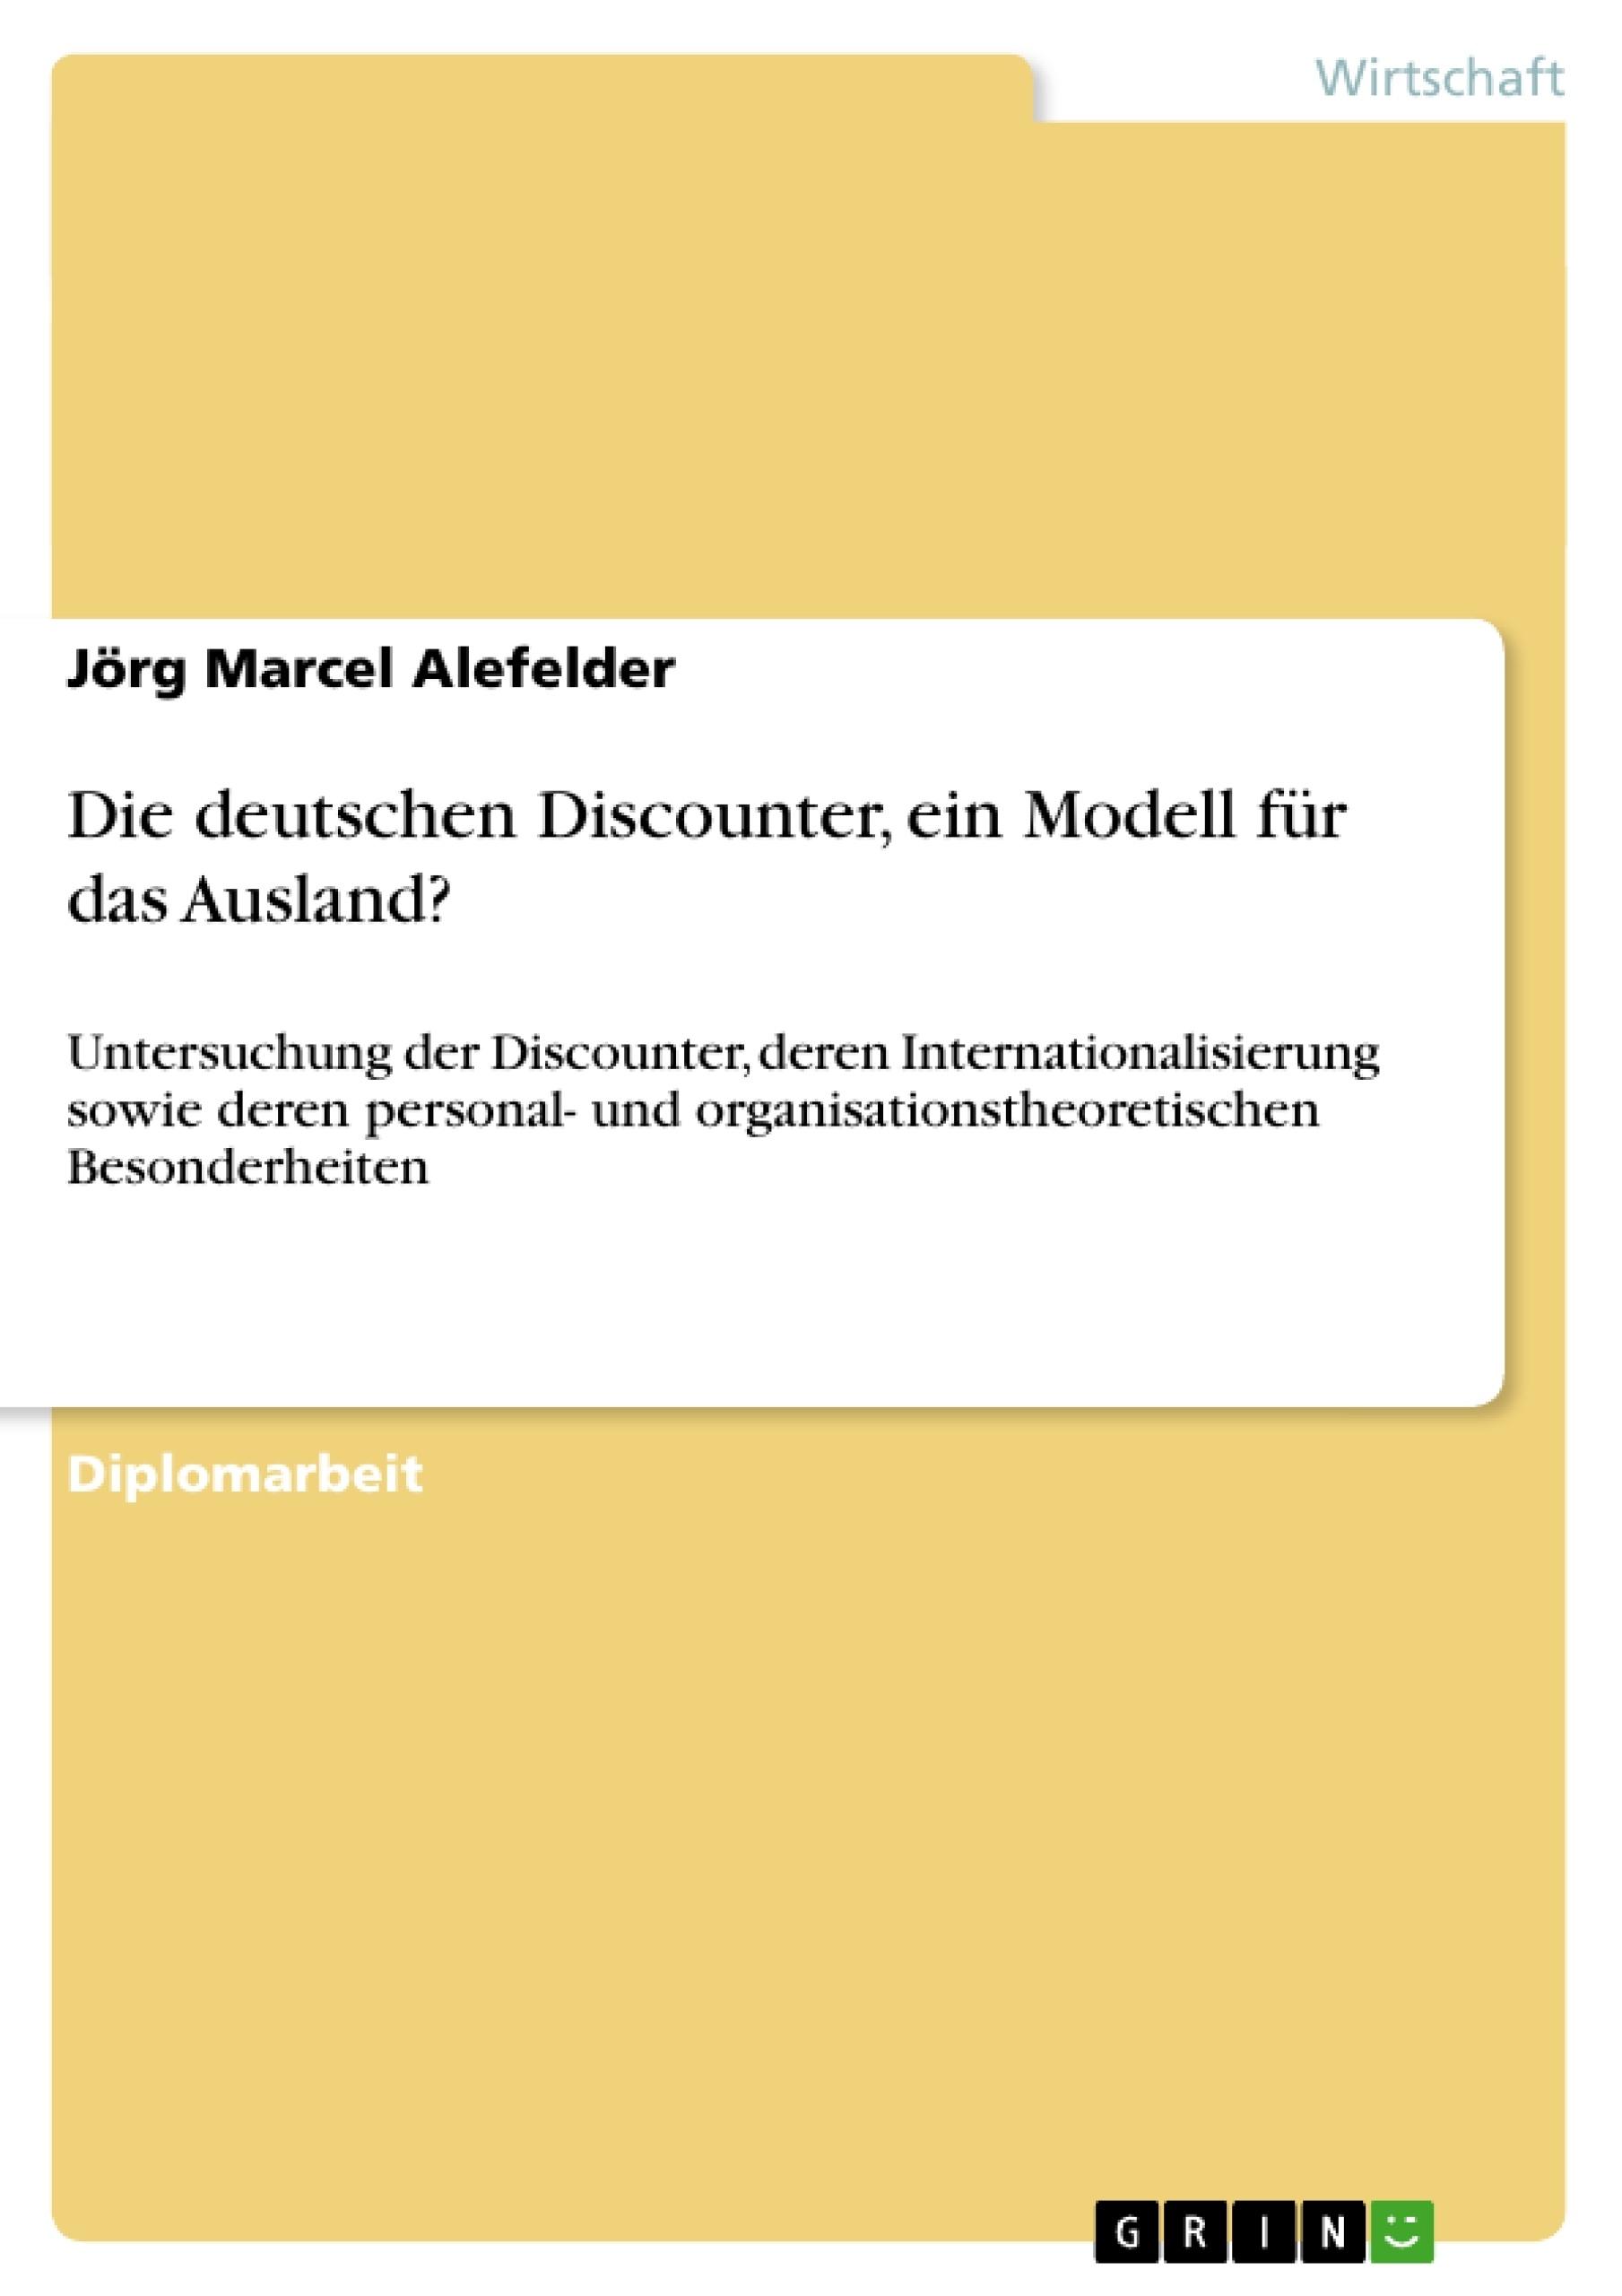 Titel: Die deutschen Discounter, ein Modell für das Ausland?